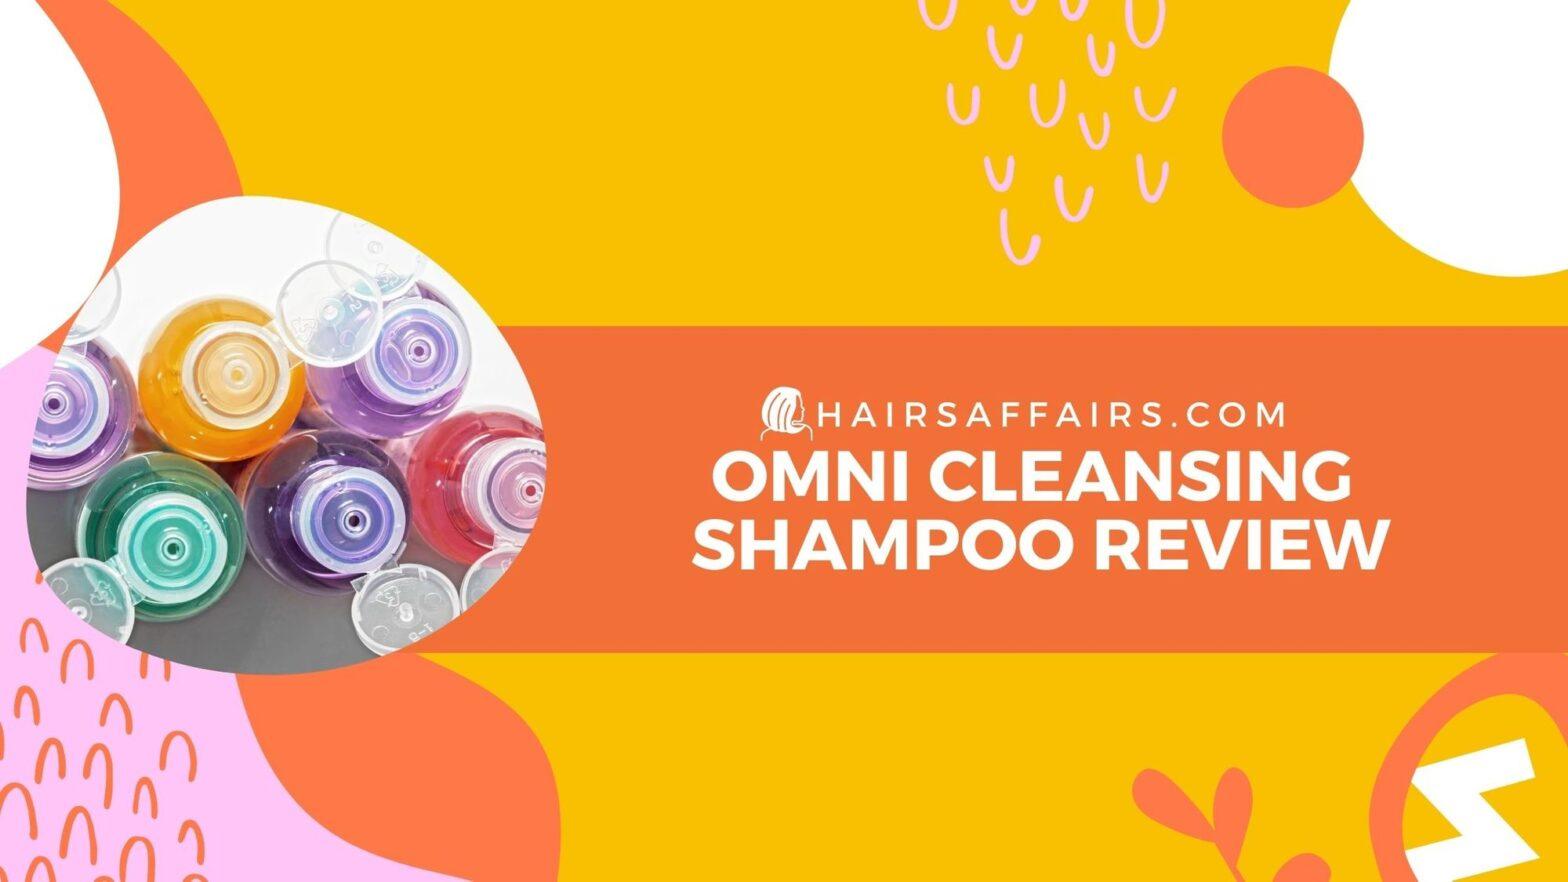 HA-Omni-cleansing-shampoo